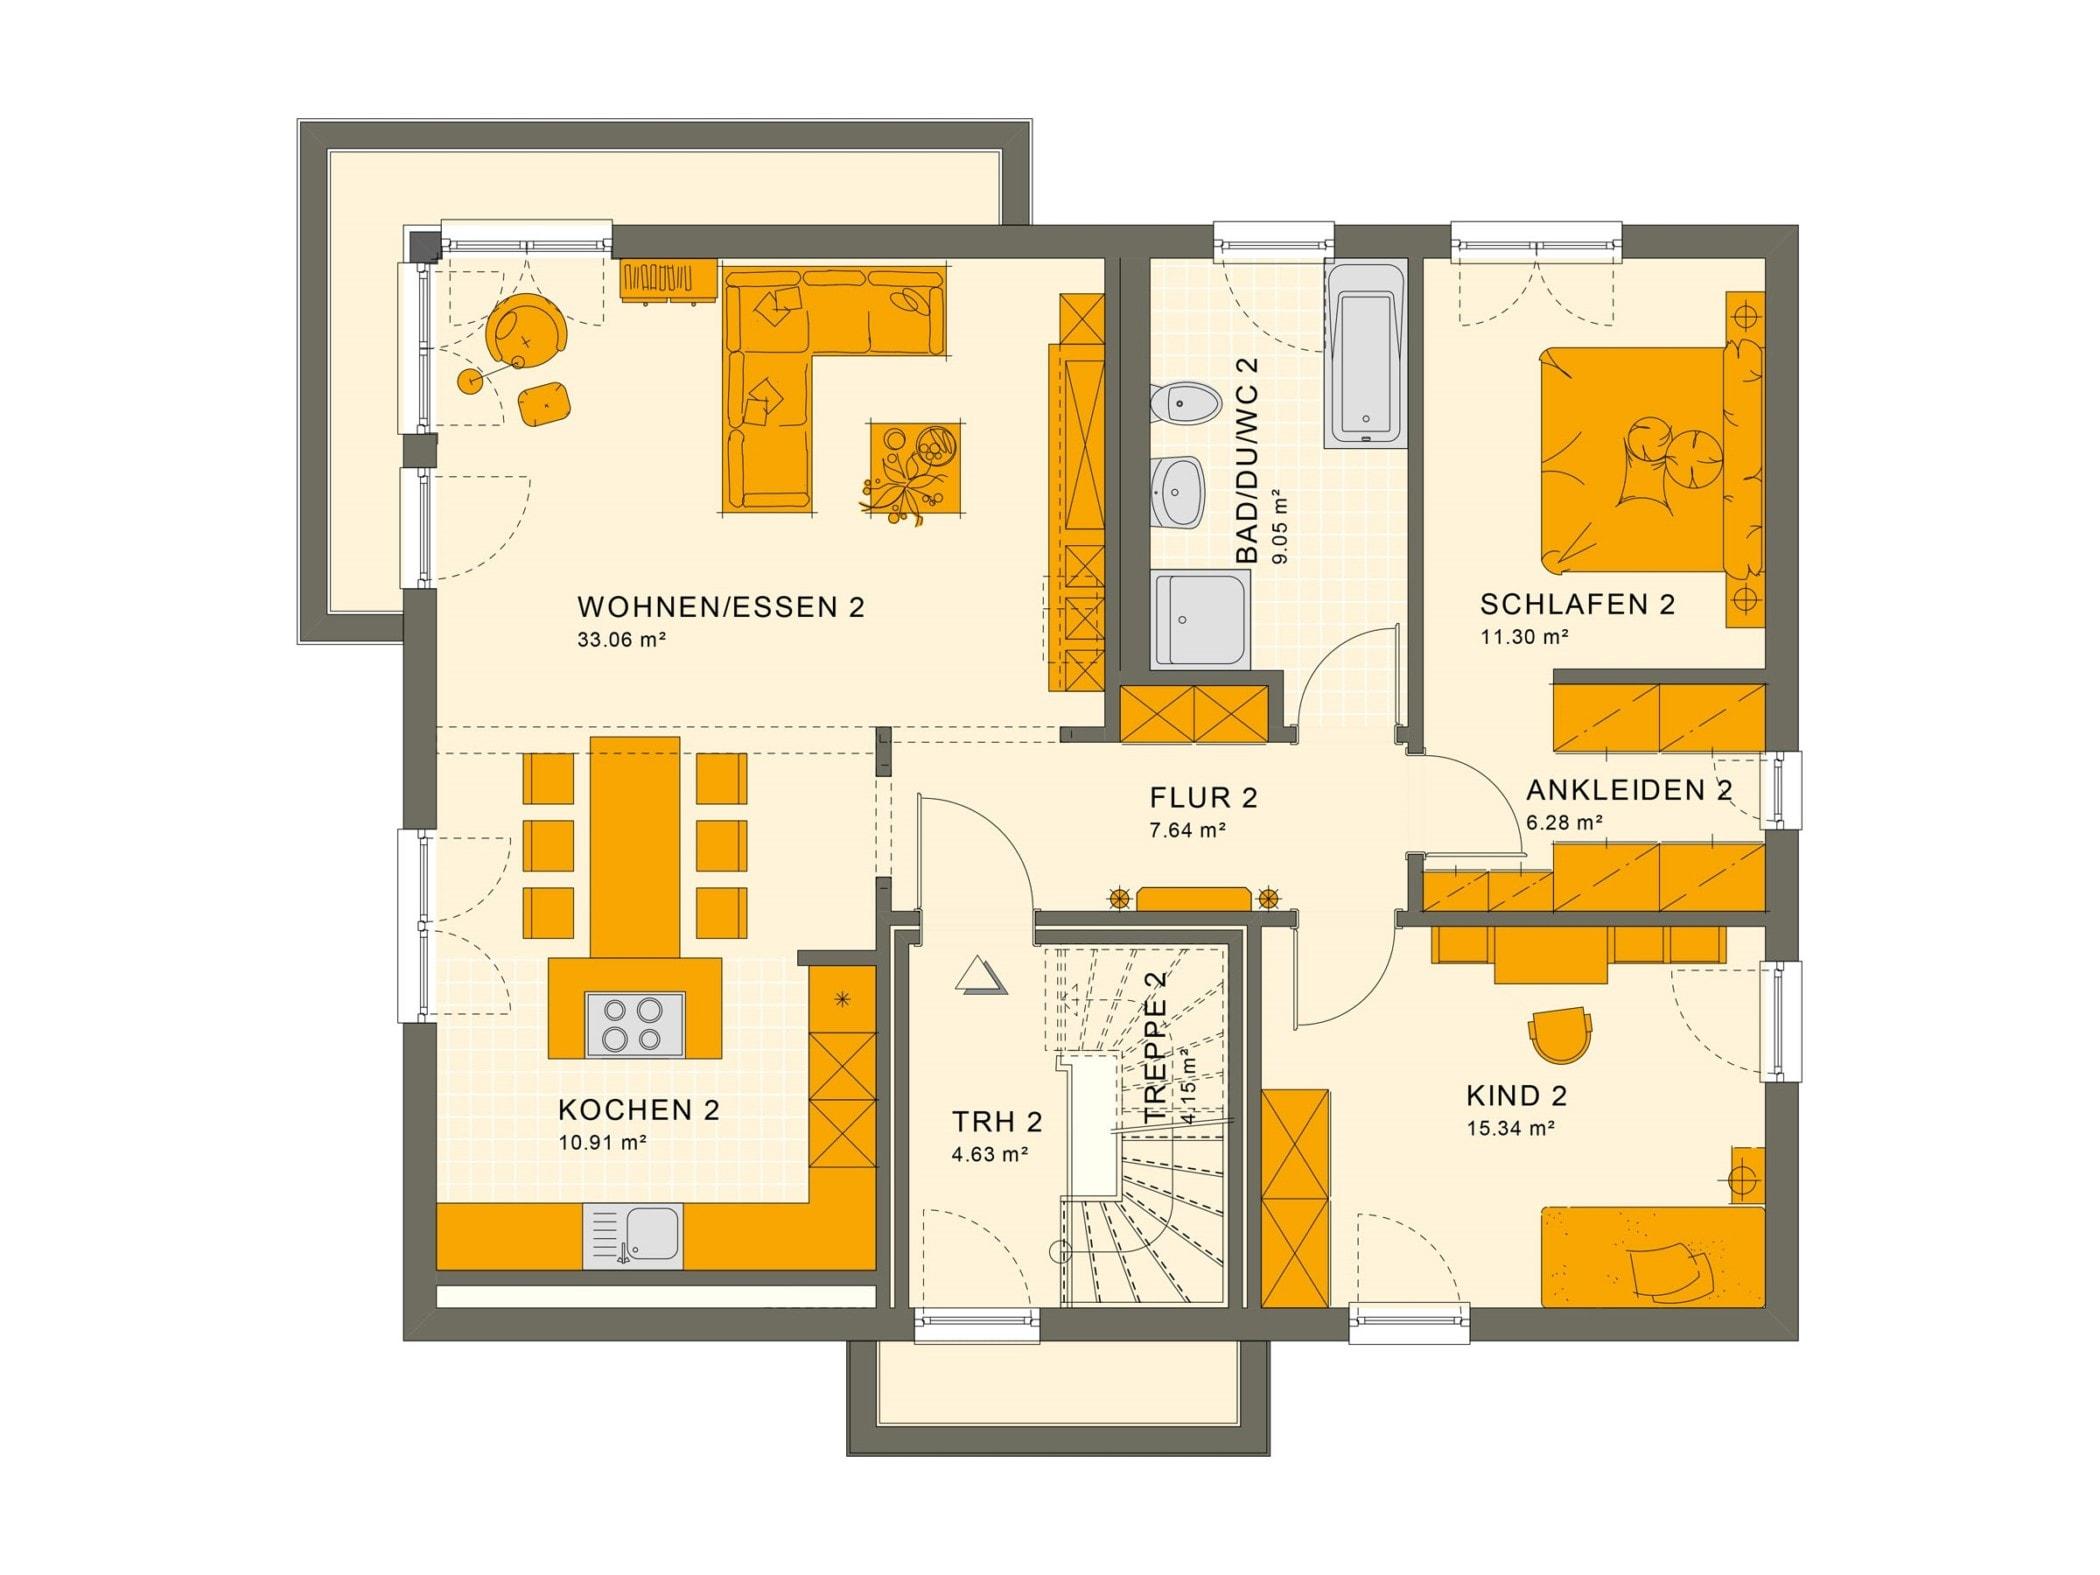 Zweifamilienhaus Stadtvilla Grundriss Obergeschoss mit 2 Wohnungen übereinander - Mehrgenerationenhaus bauen Ideen Fertighaus SOLUTION 204 V9 von Living Haus - HausbauDirekt.de